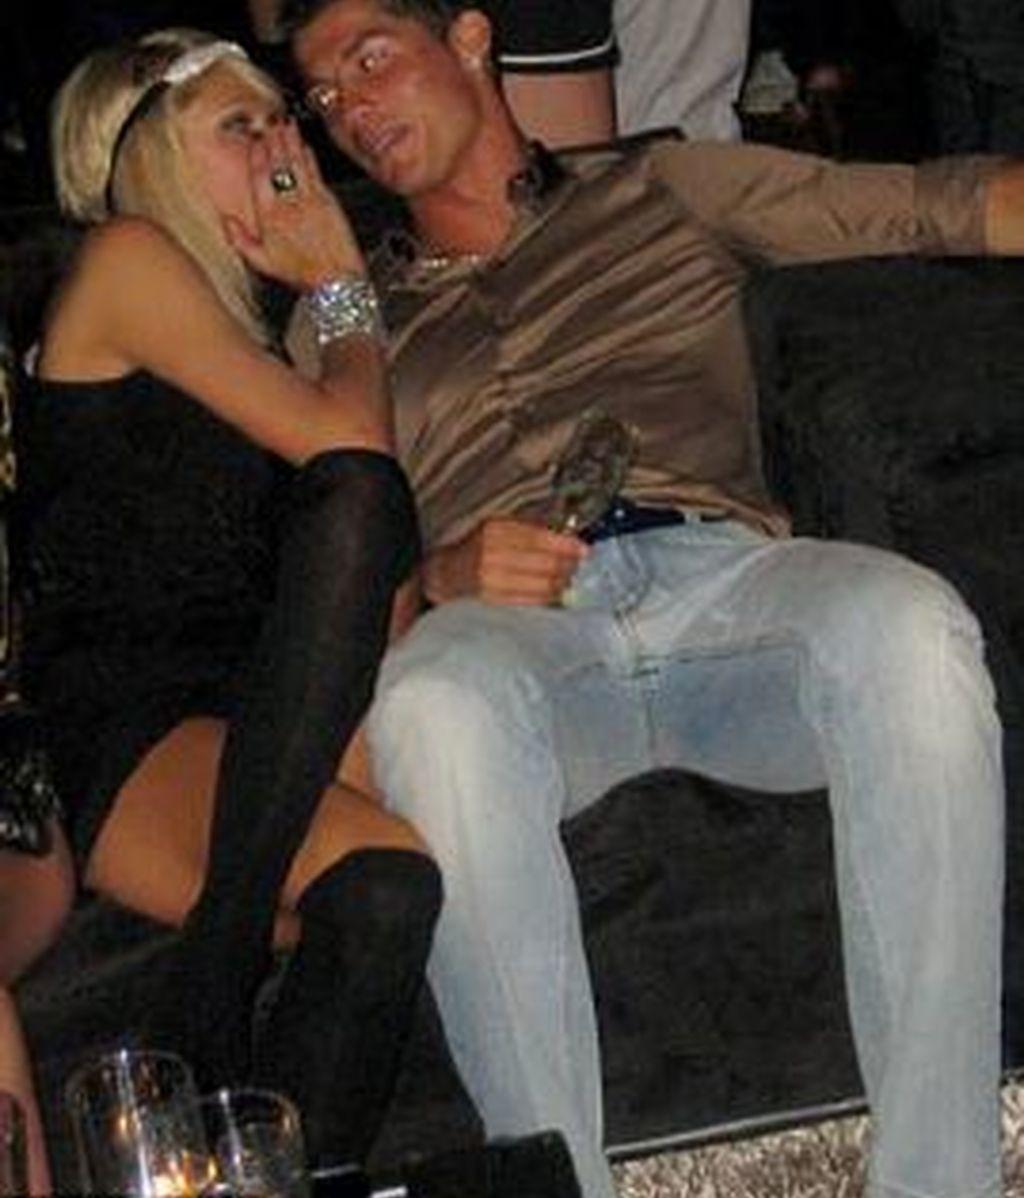 La nueva pareja, Paris Hilton y Cristiano Ronaldo ,  en la divertida noche que se pasaron en un club VIP de Los Angeles.